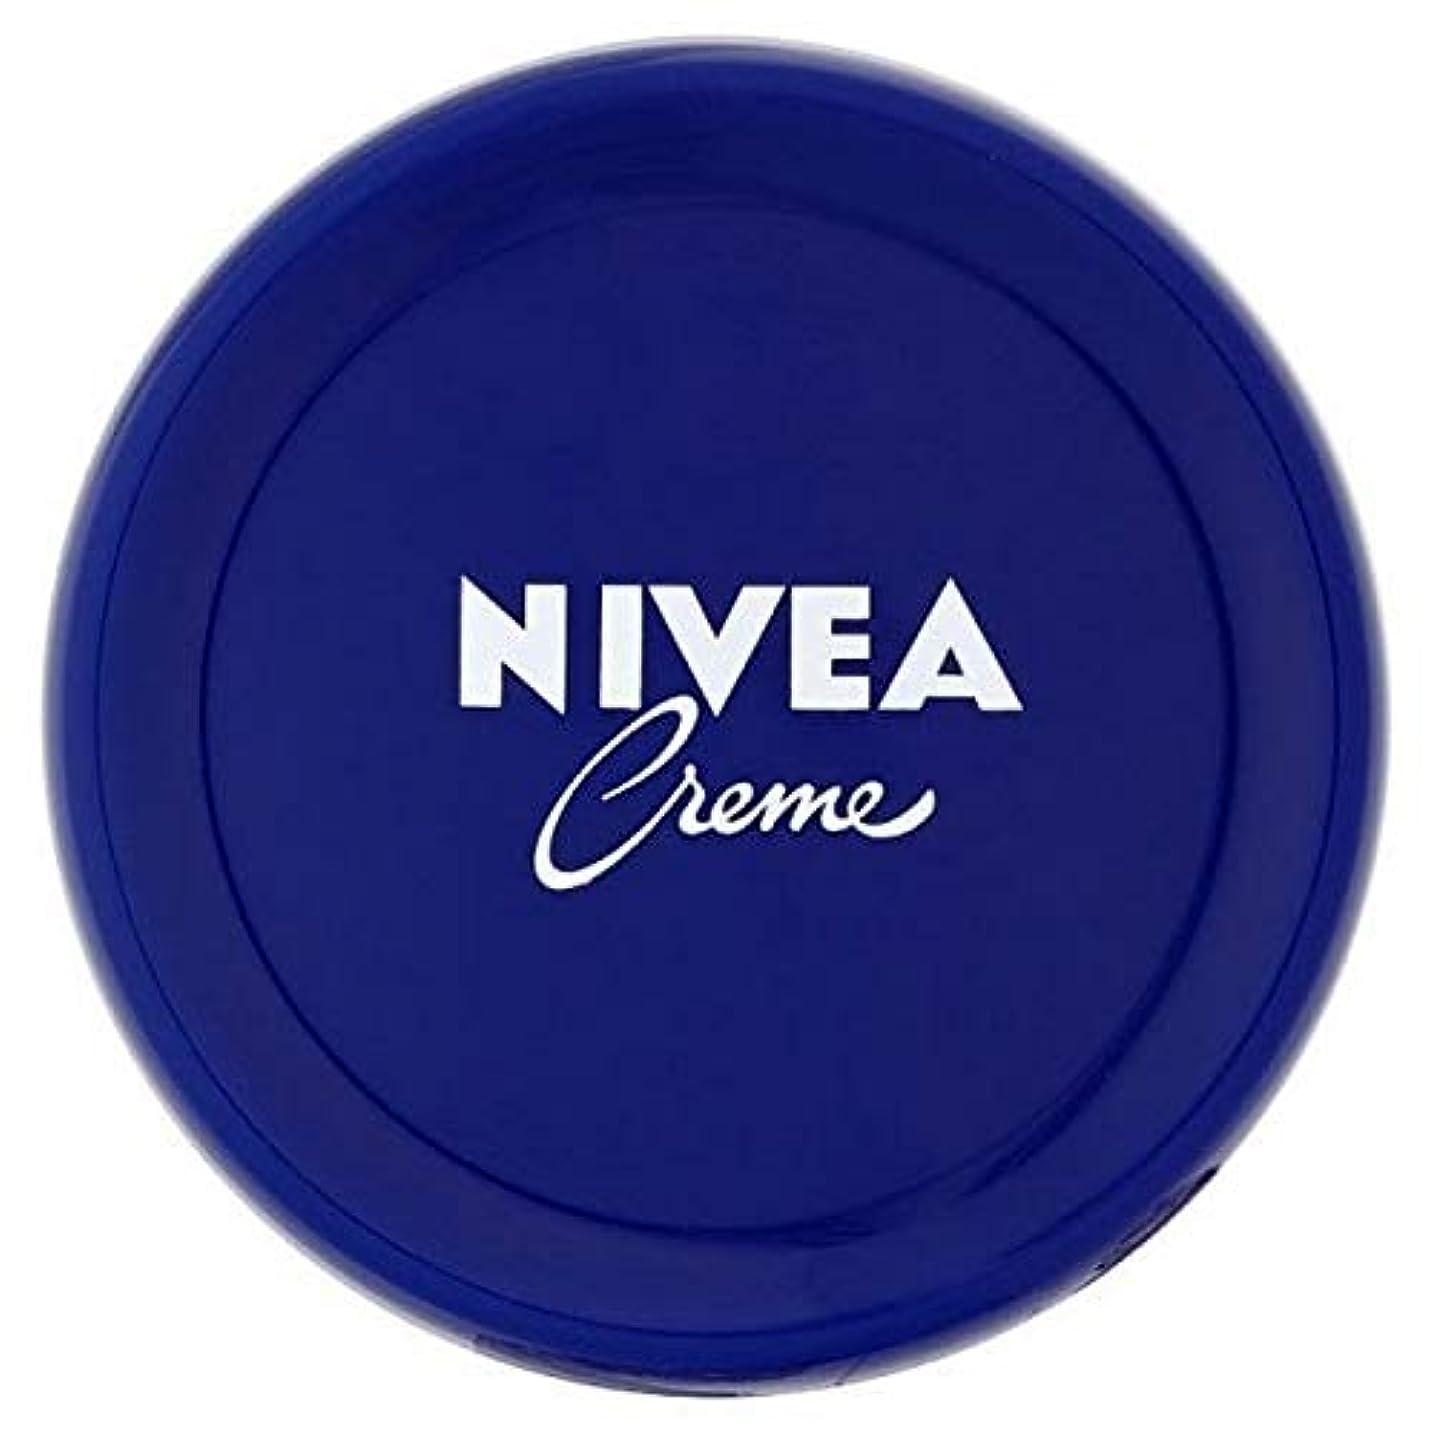 スキップサワー繁栄[Nivea ] ニベアクリーム万能ボディクリーム、200ミリリットル - NIVEA Creme All Purpose Body Cream, 200ml [並行輸入品]